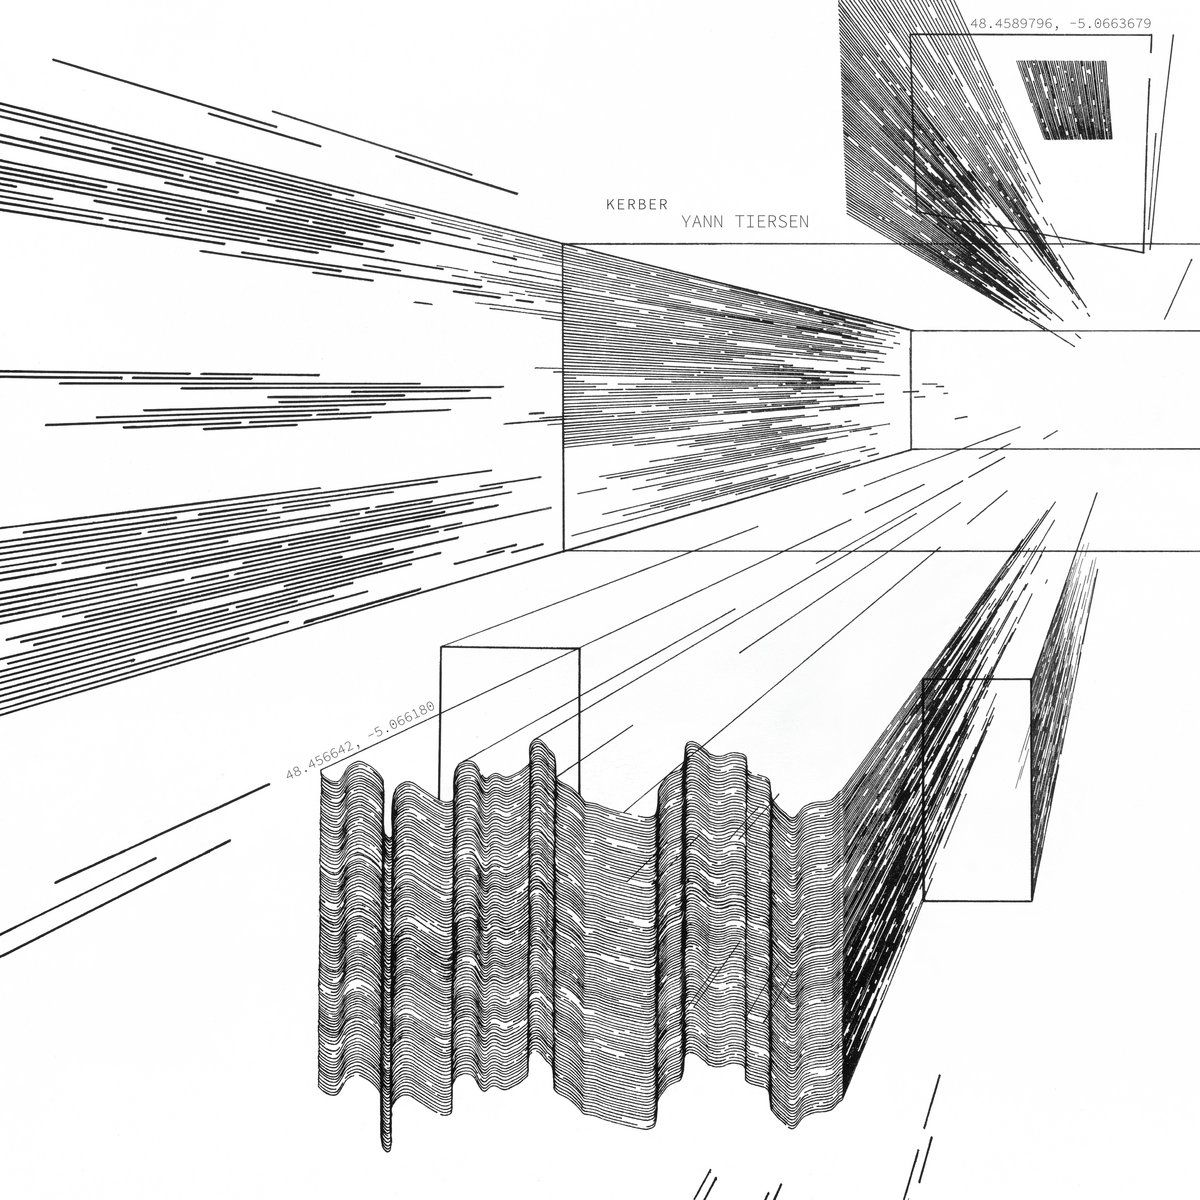 Yann Tiersen - Kerber - 2LP